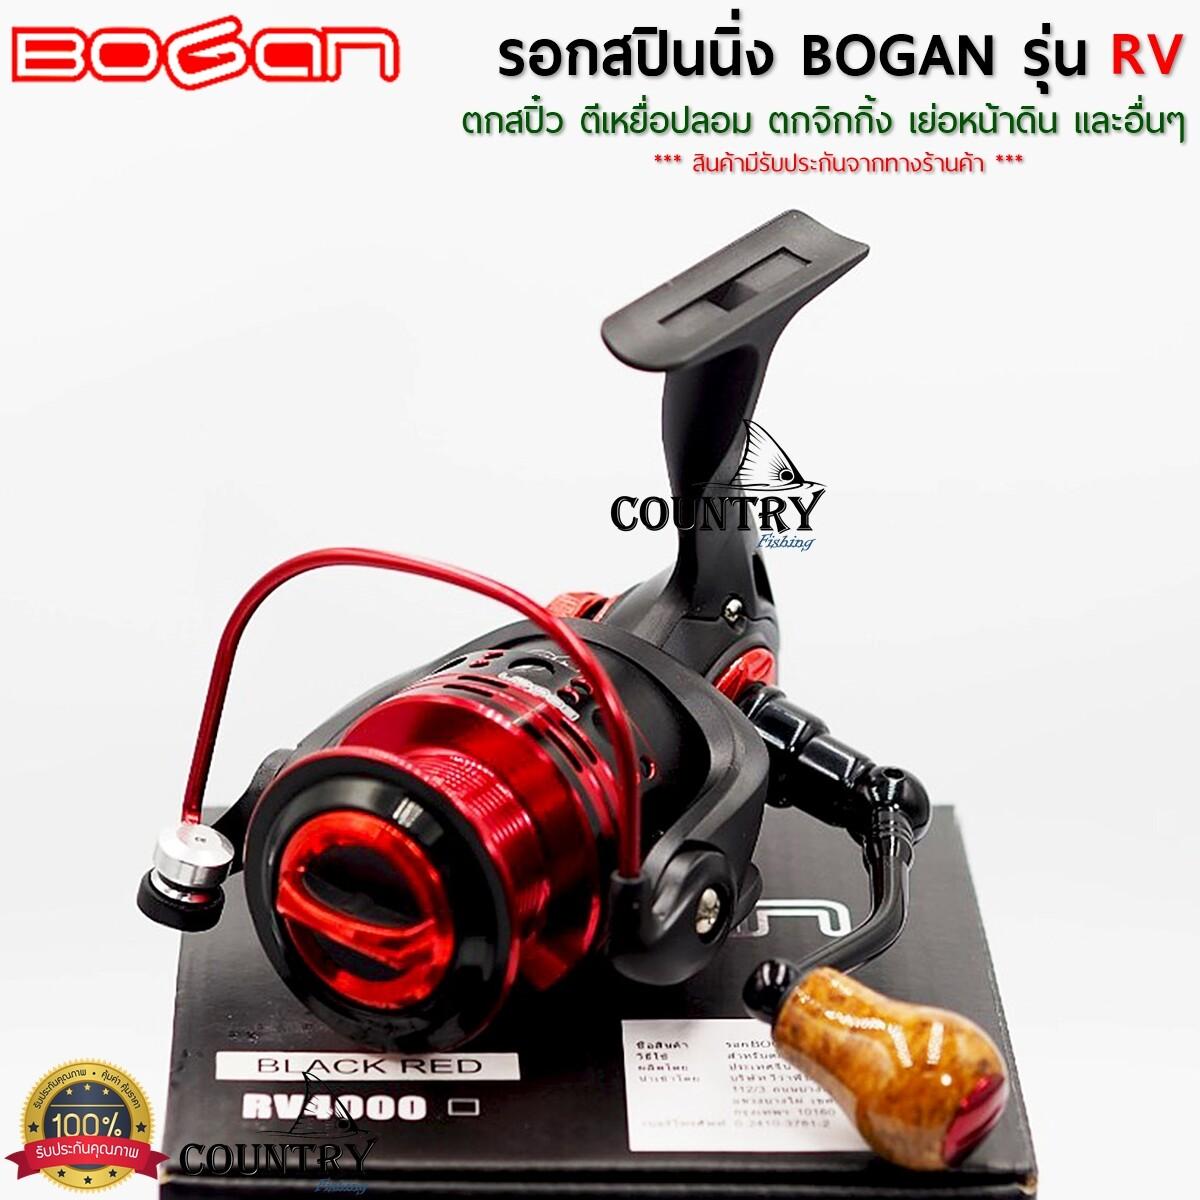 รอกสปินนิ่ง Bogan รุ่น Revolution (rv) สีดำแดง มีให้เลือกเบอร์ 1000-4000.